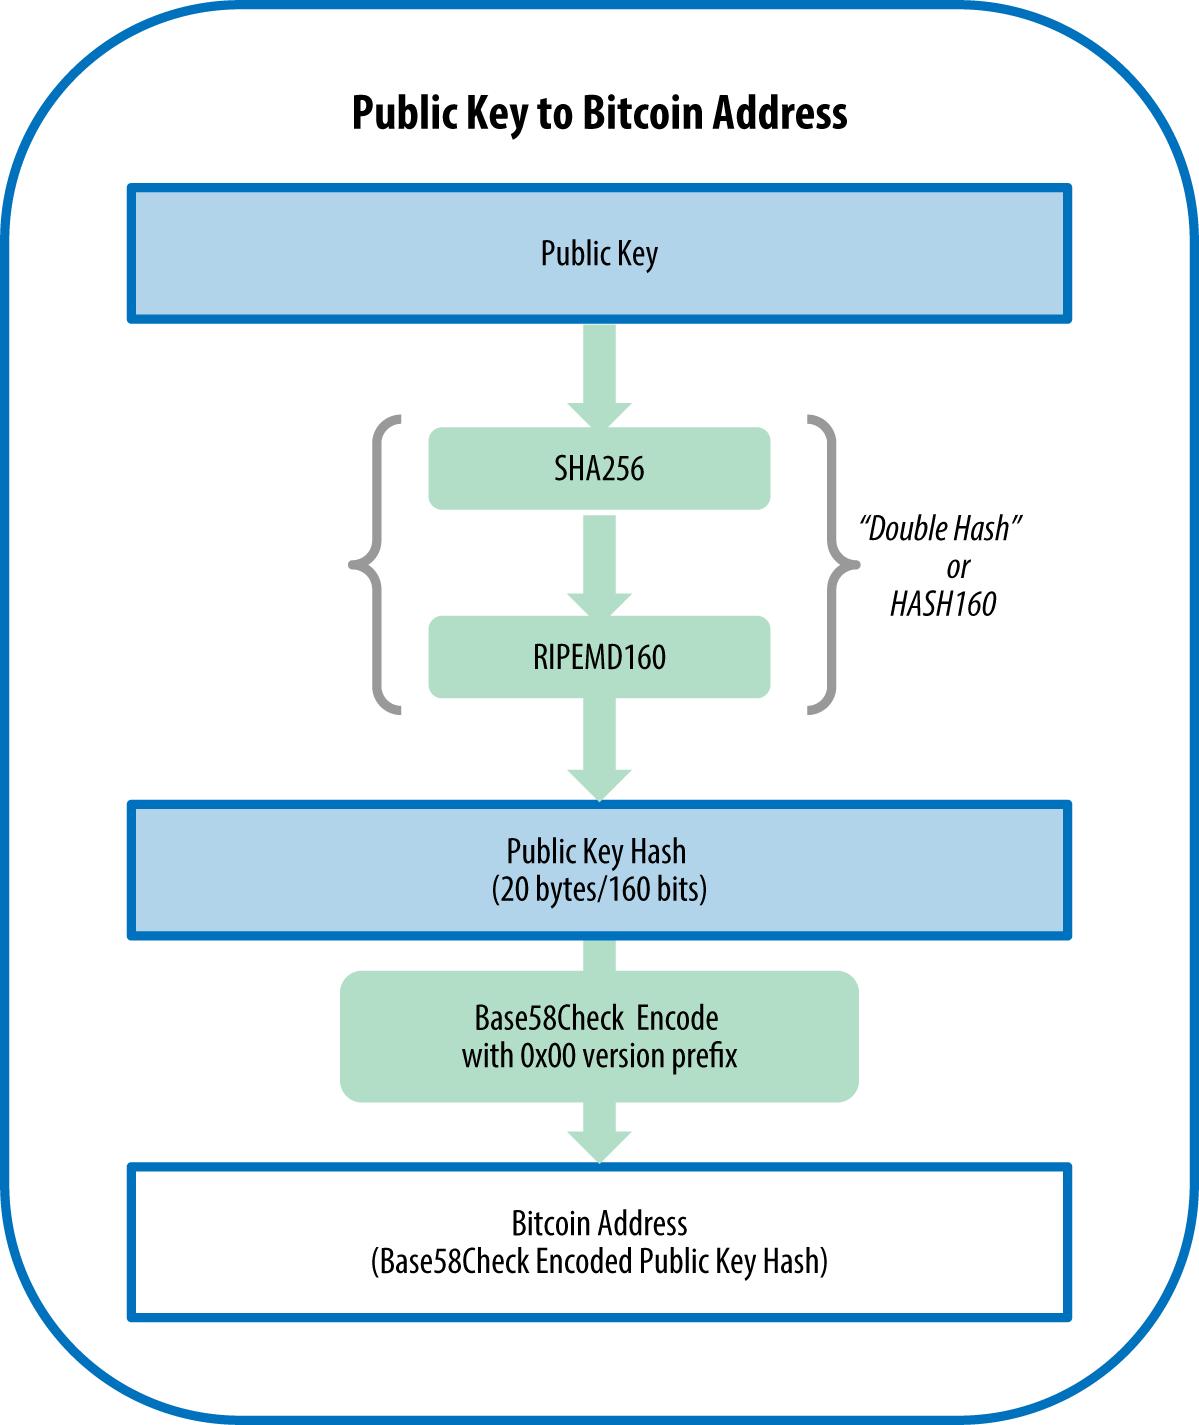 图4-5从公钥生成比特币地址